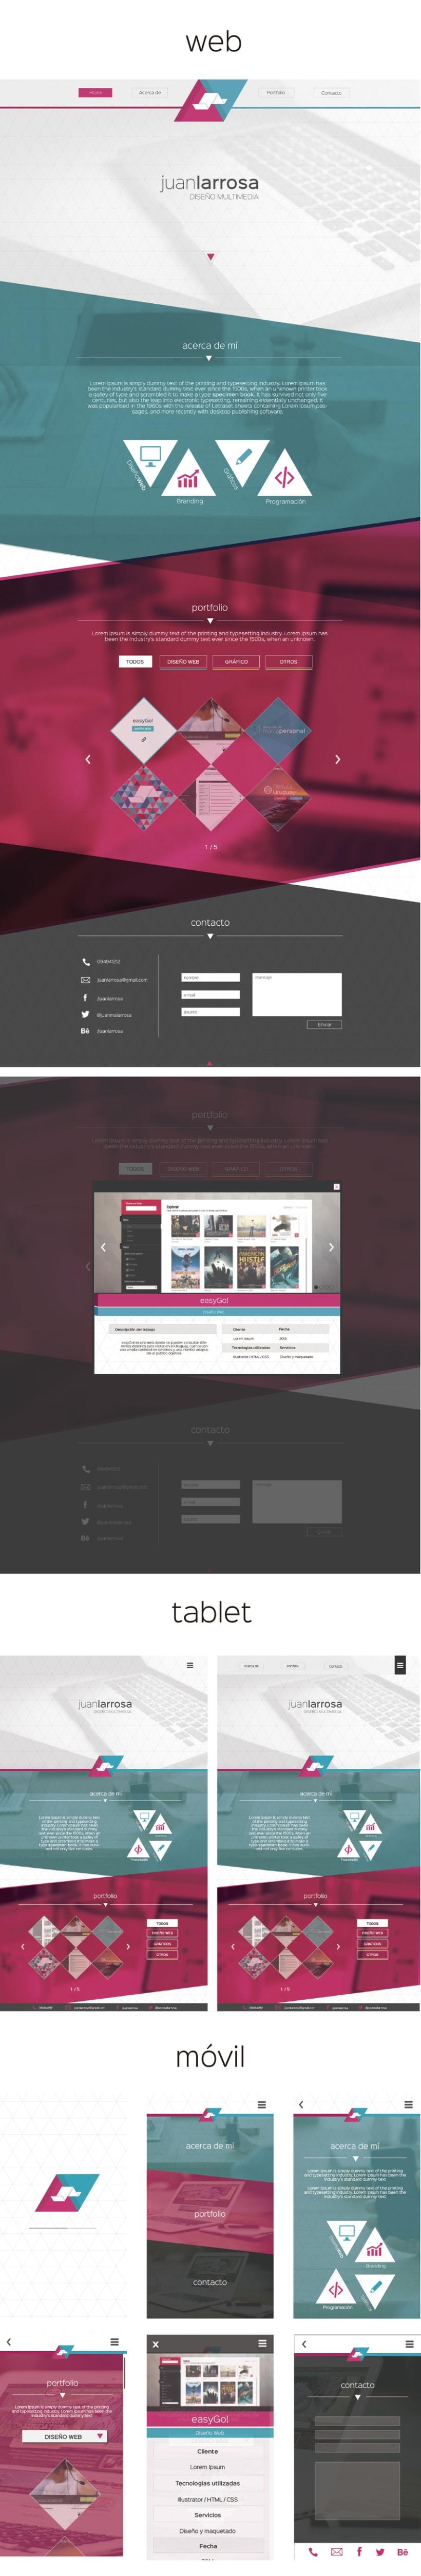 Identidad en web, tablet y móvil. -1